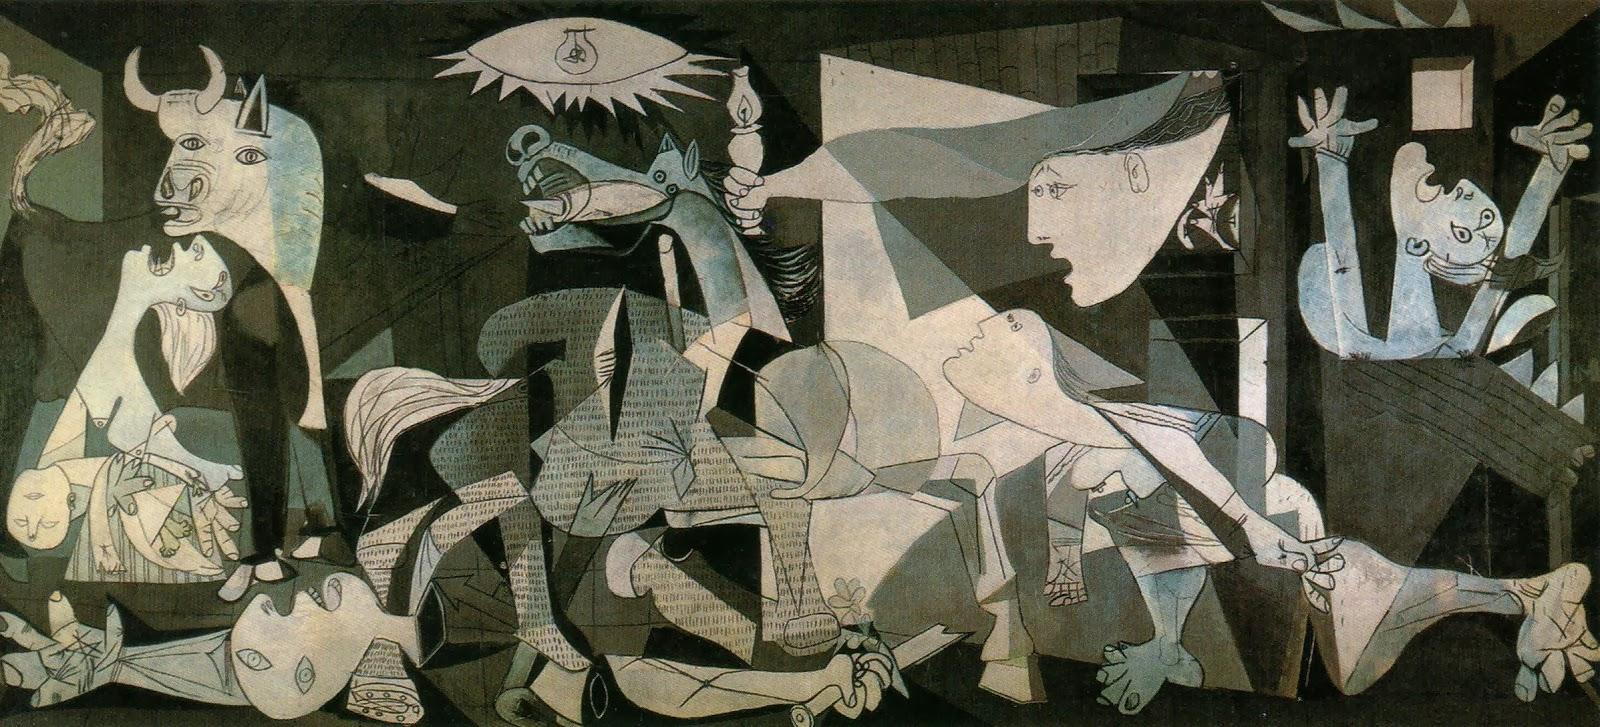 Madri - atrações clássicas e muito além do básico - quadro Guernica no Museu Reina Sofia